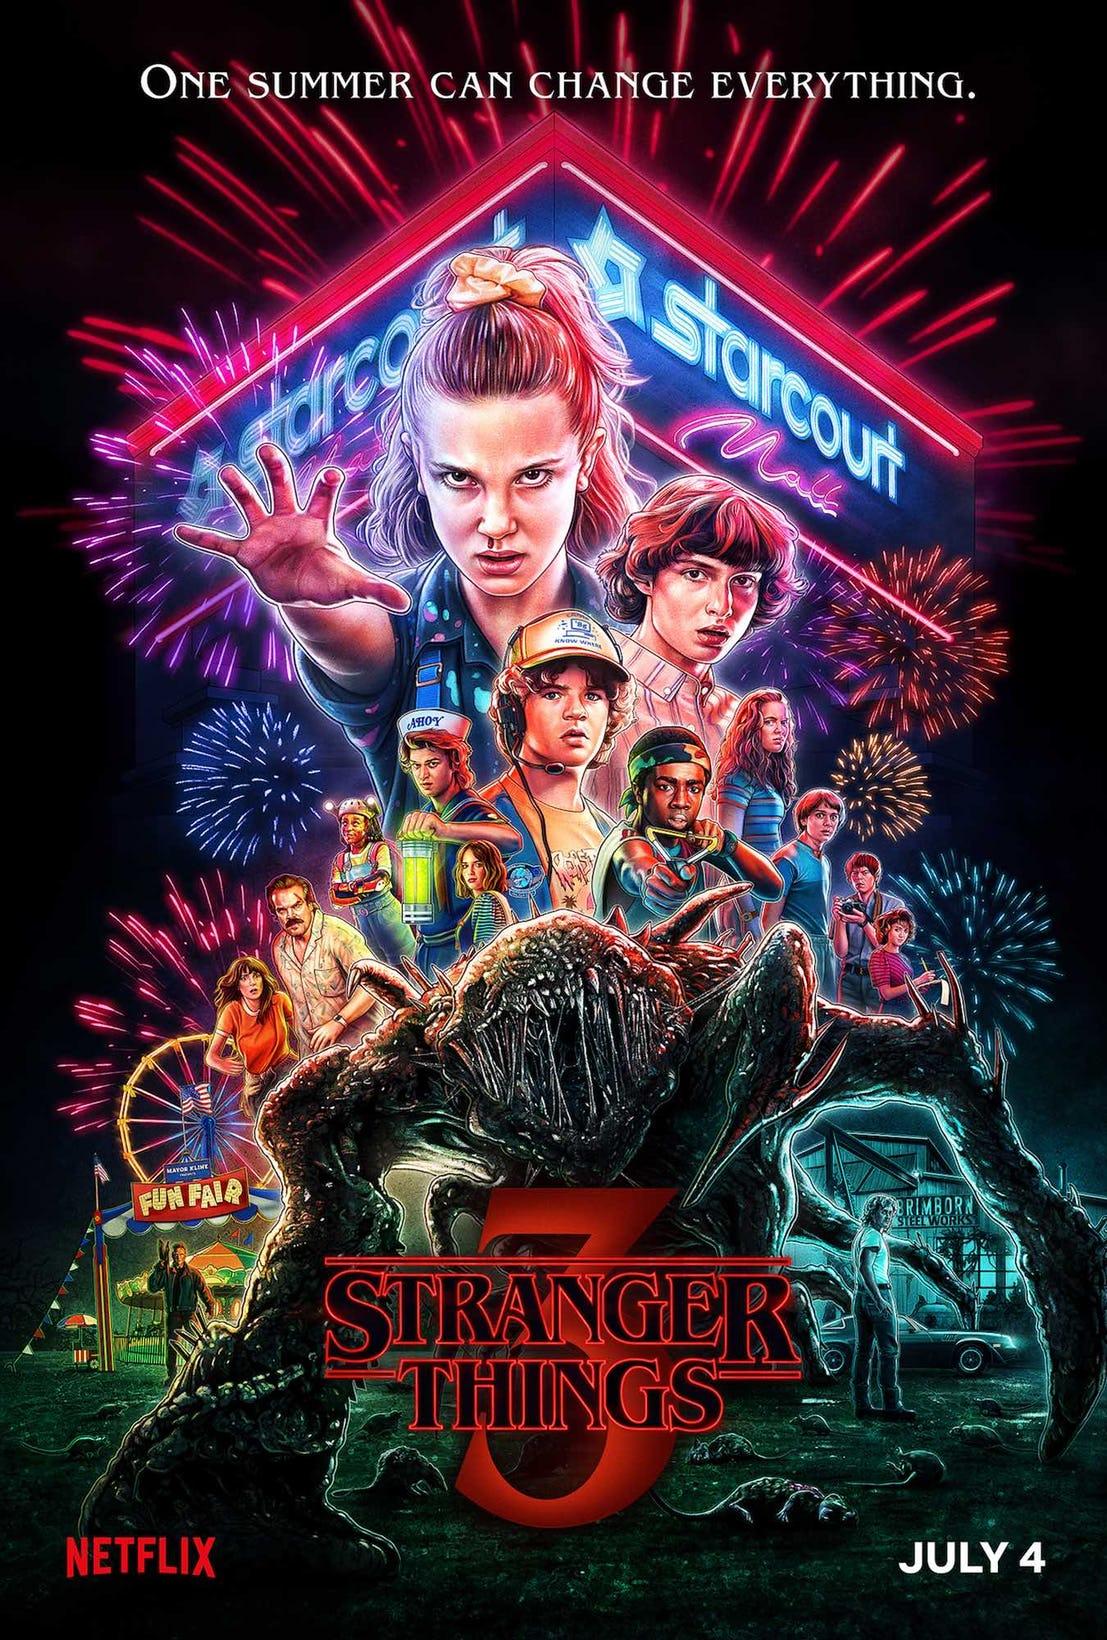 The Stranger Things 3 poster.